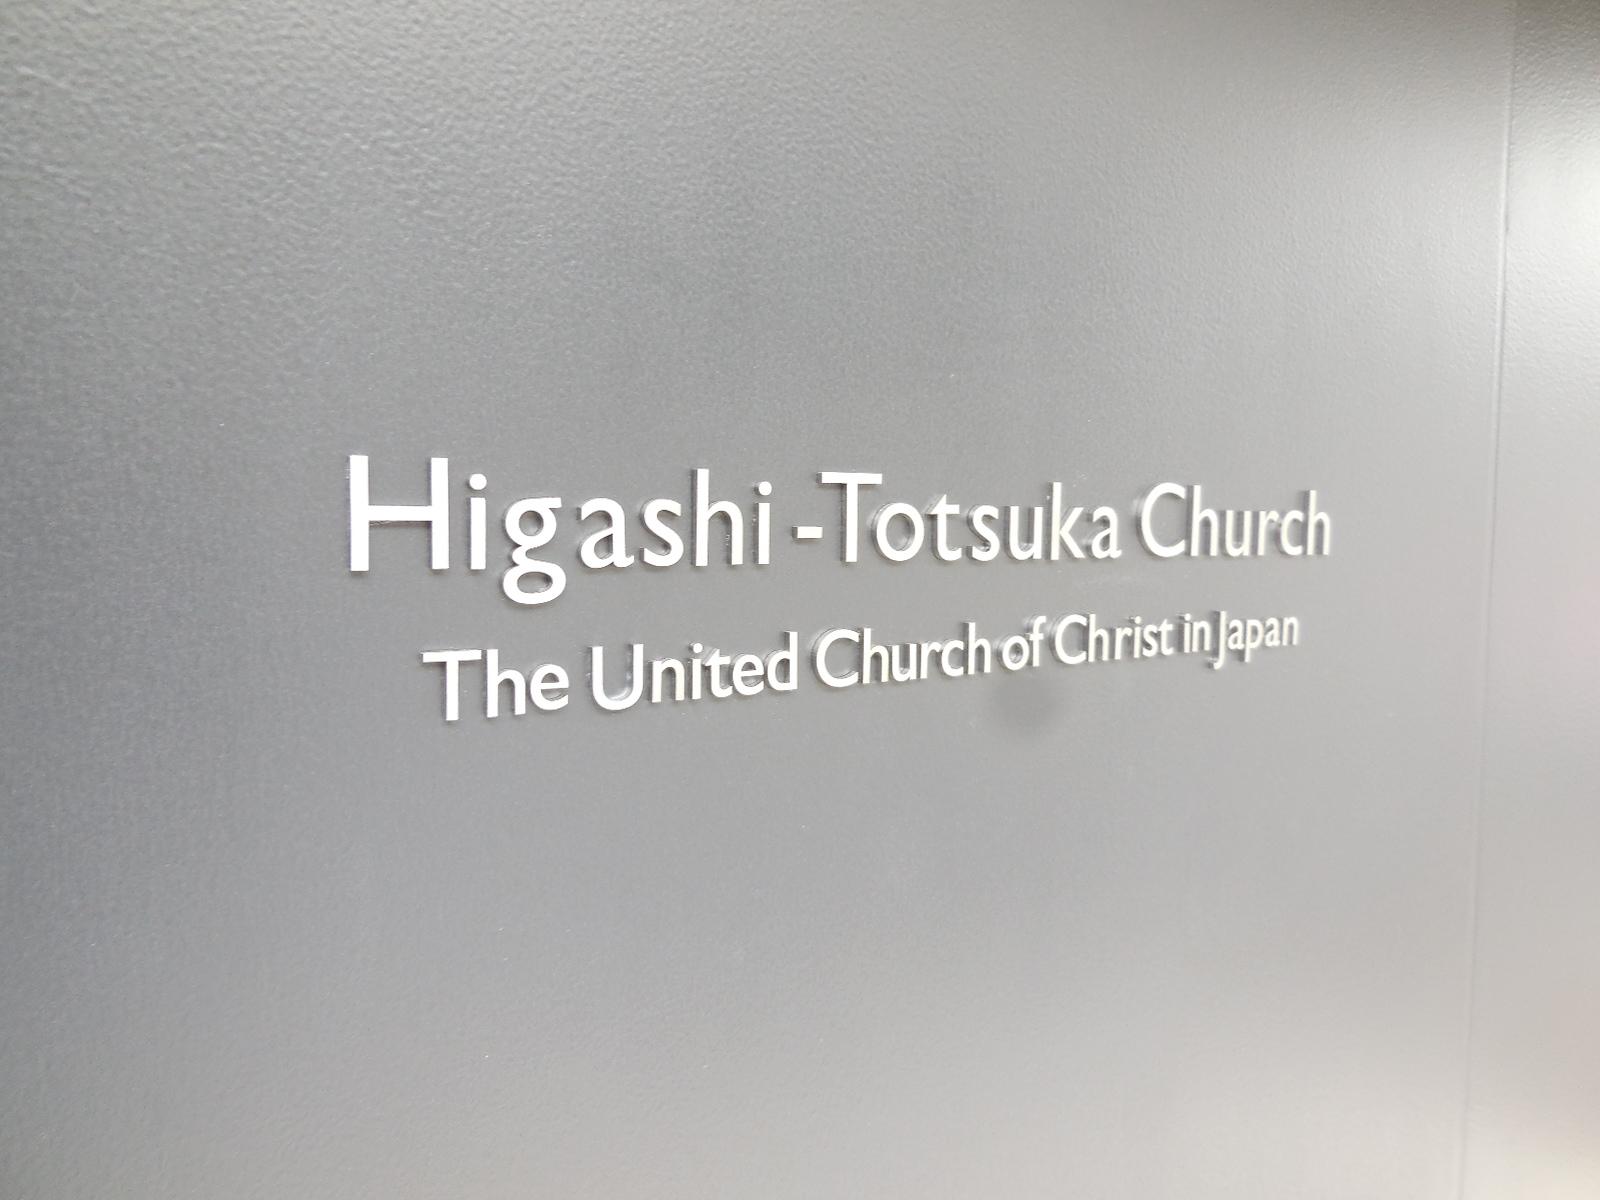 アクリル切り文字の取り付け 横浜市東戸塚